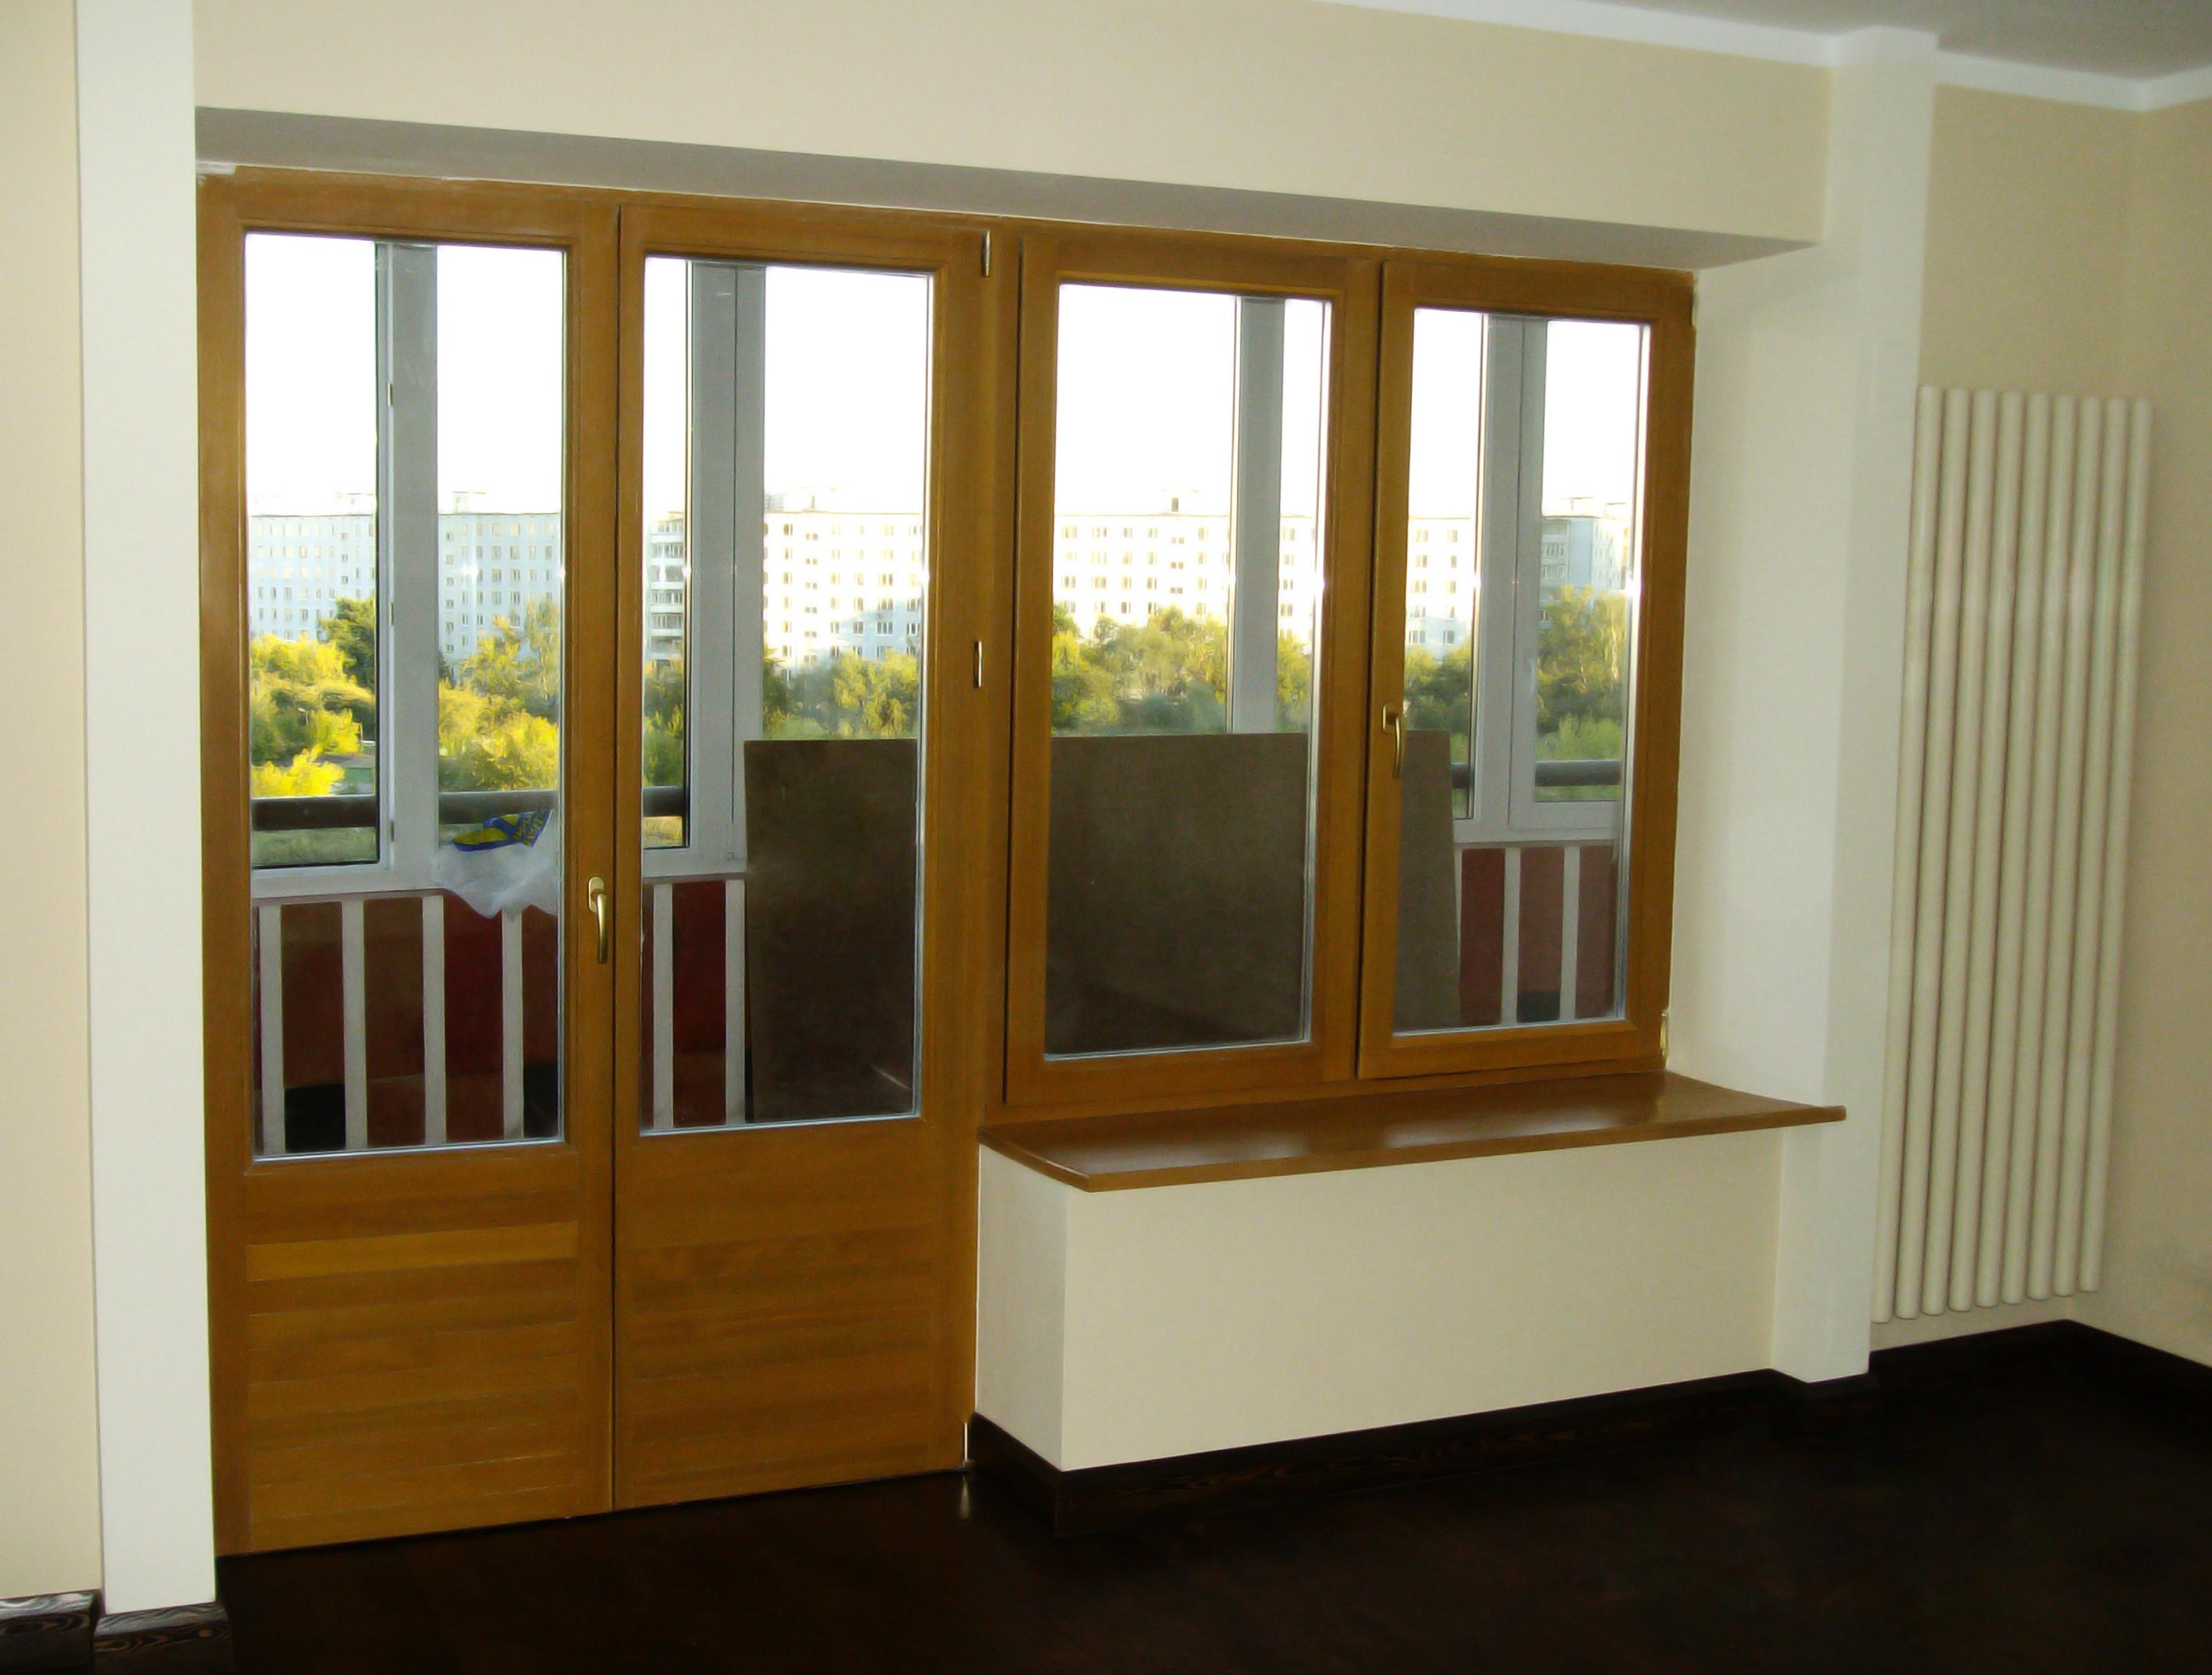 Как сделать балконную дверь плотнее фото 92